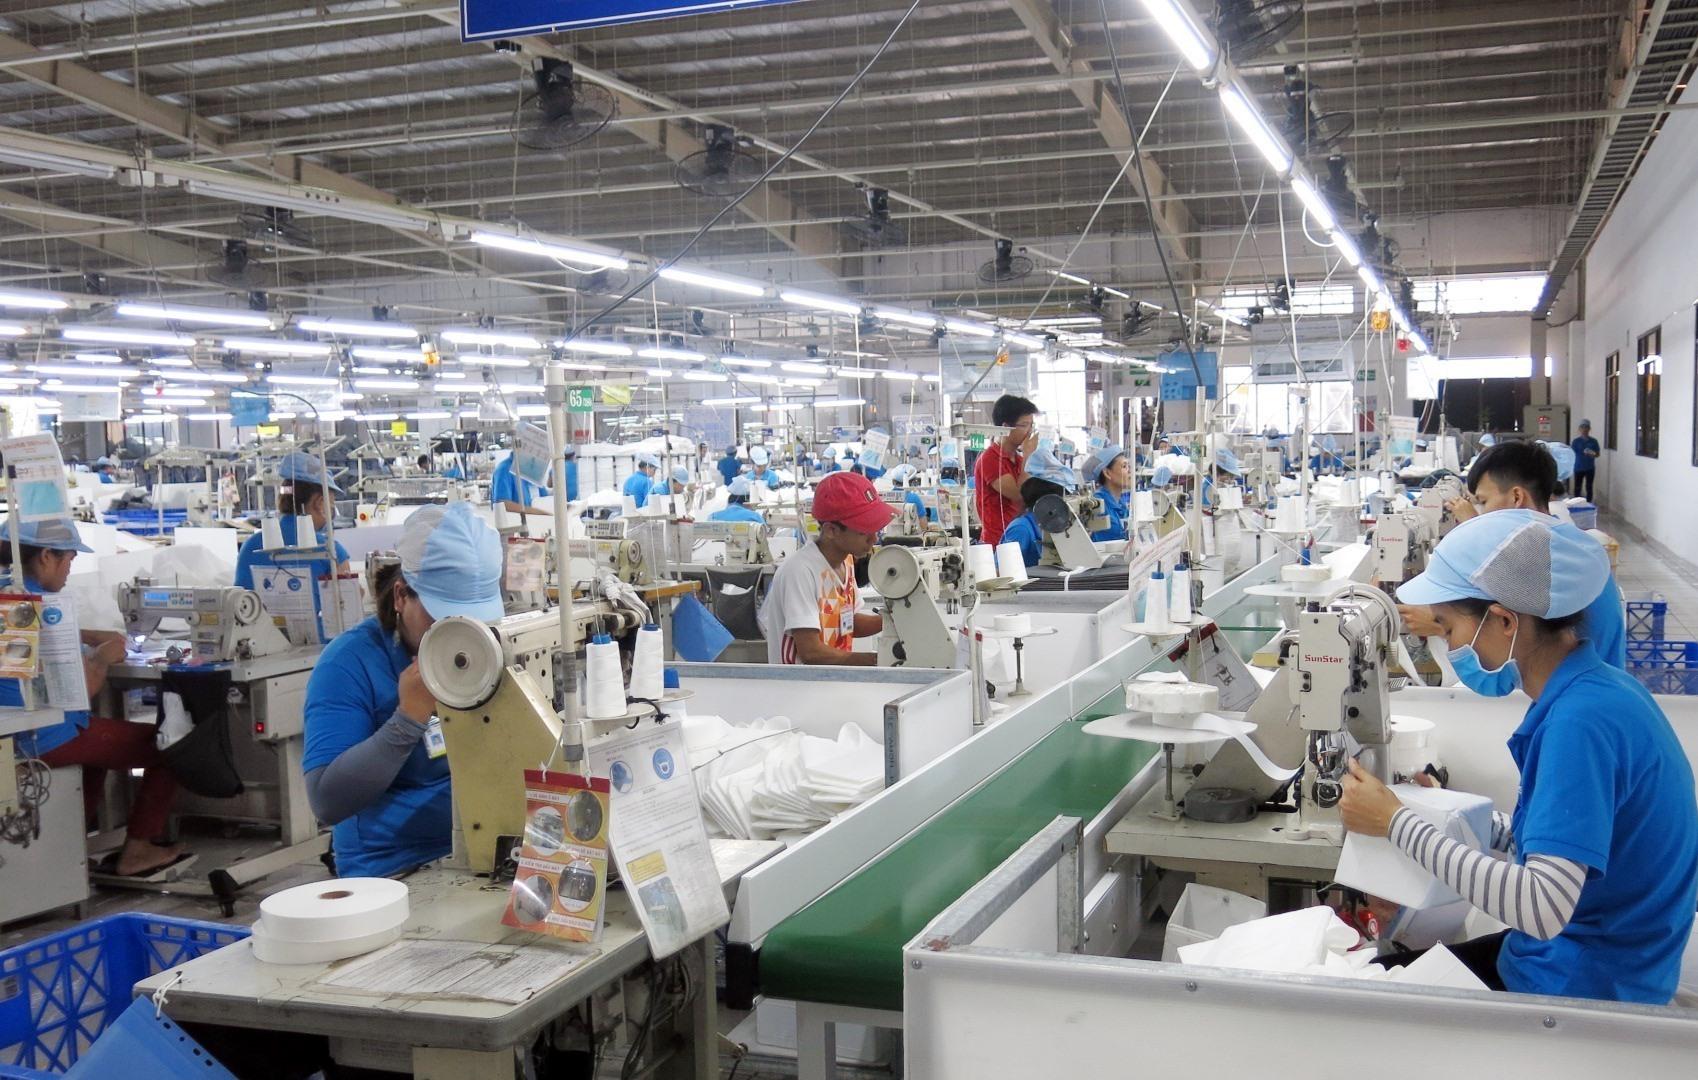 Các doanh nghiệp sản xuất kinh doanh phải chủ động các phương án phòng chống dịch. Ảnh: T.D